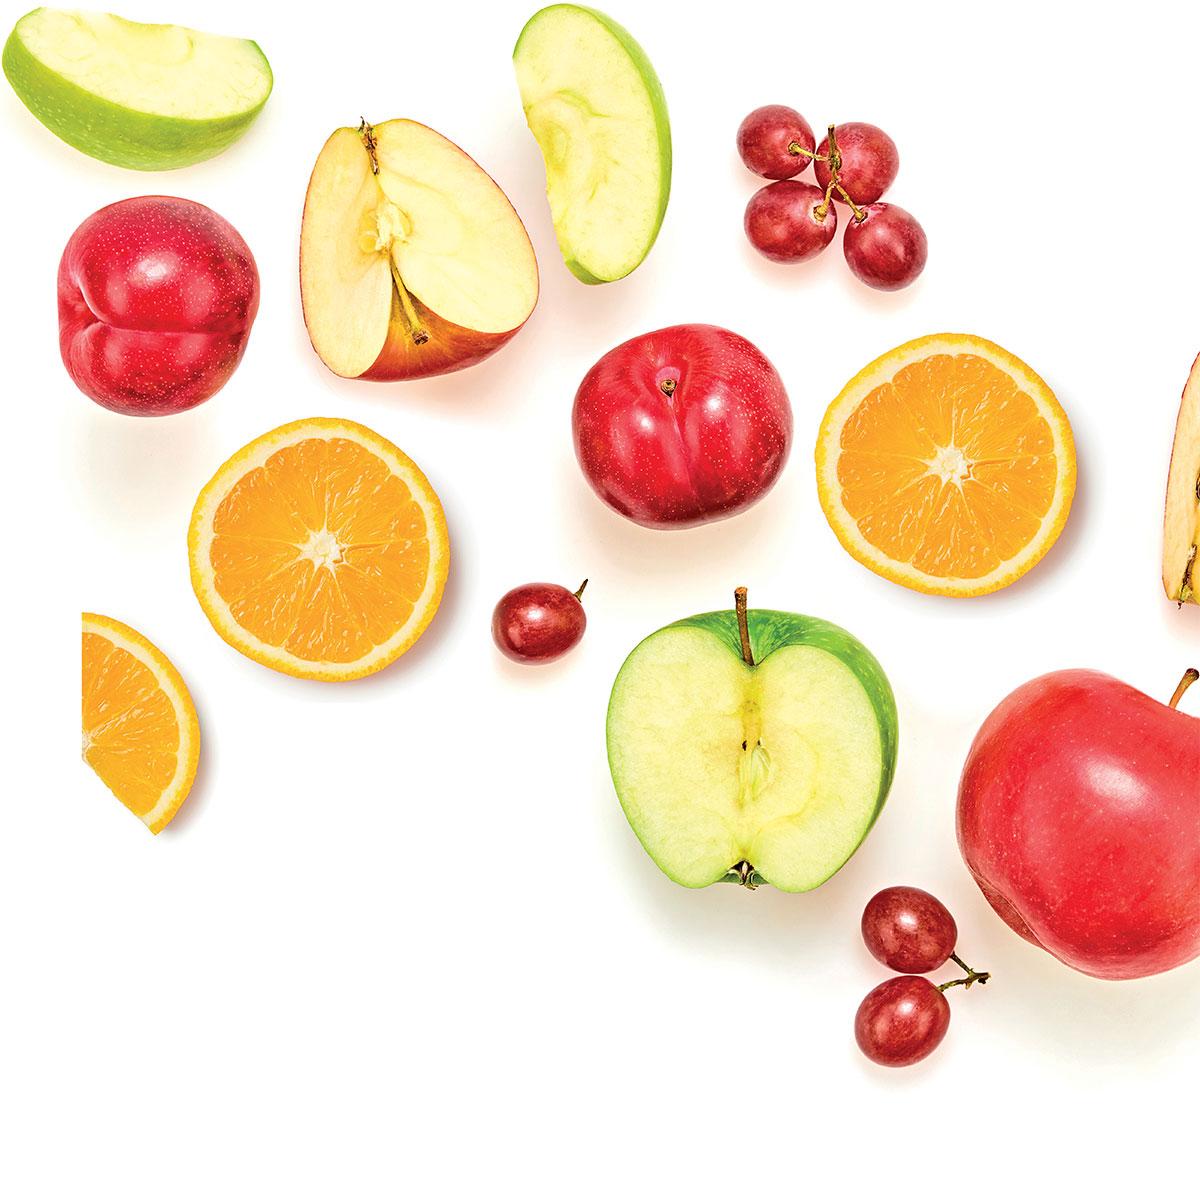 Sa Fruit Journal Fruit